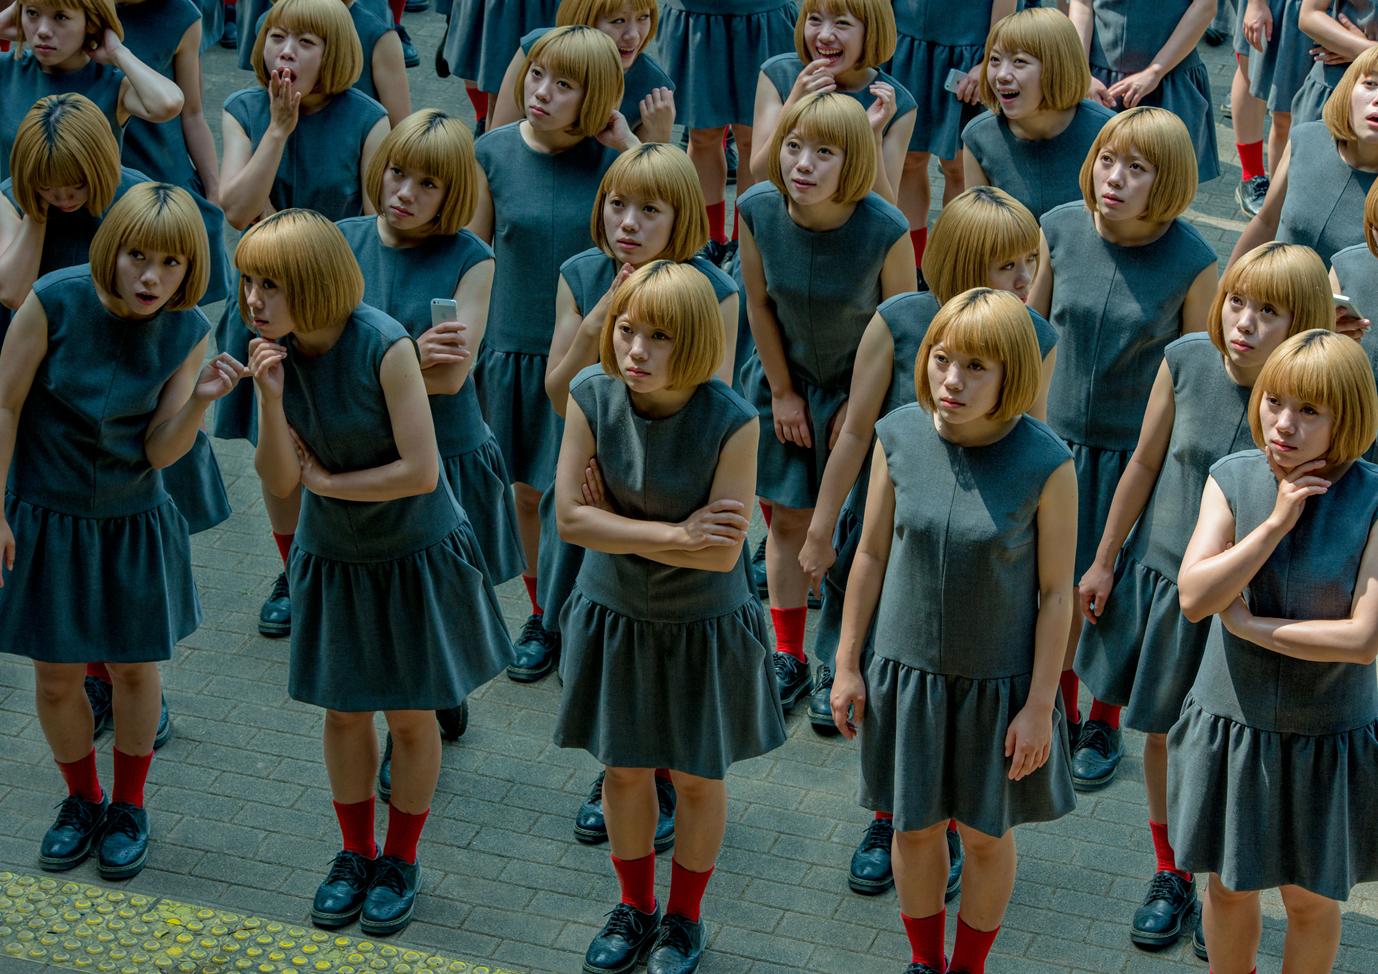 高倉大輔(日本、1983)《monodramatic / crowd》(C)Daisuke Takakura